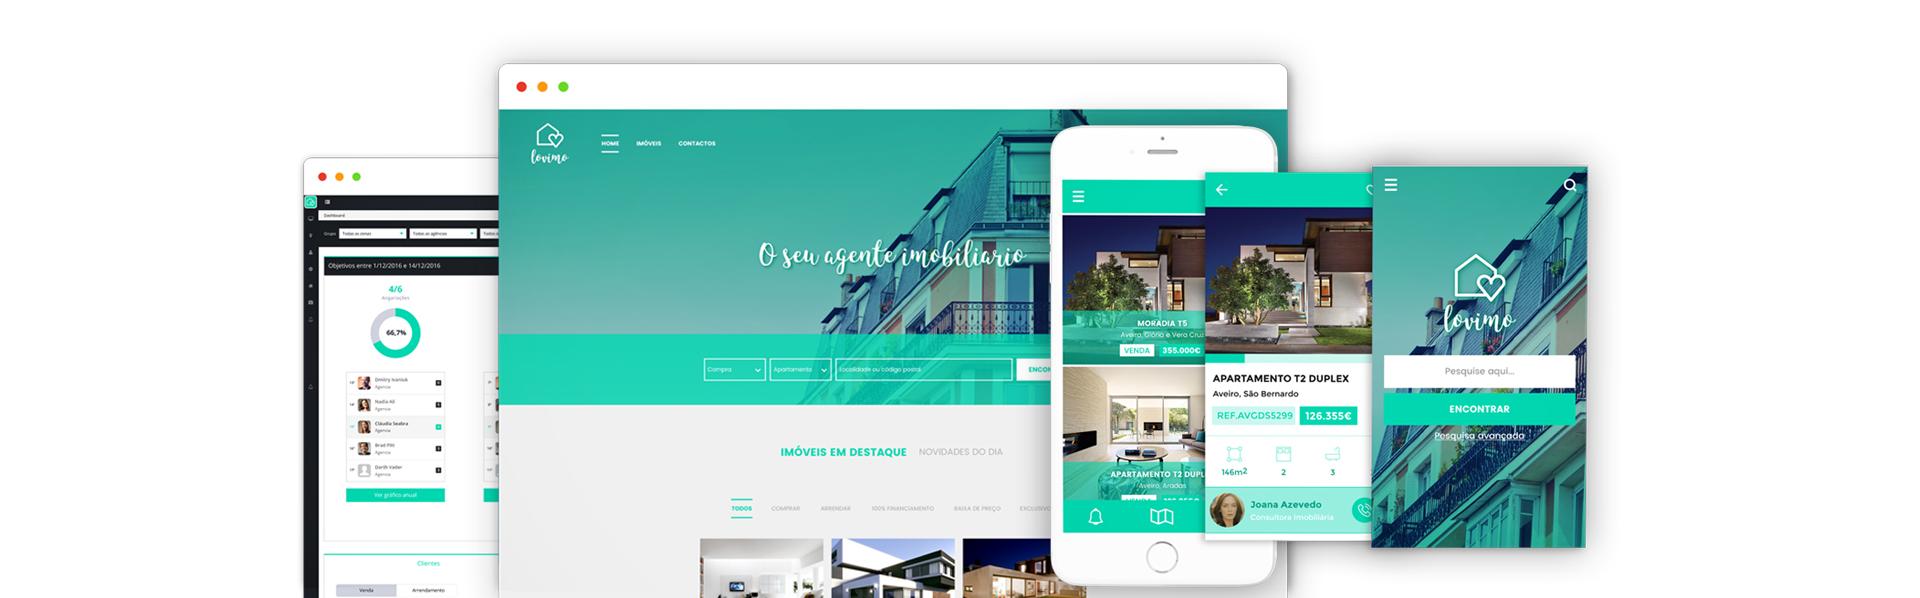 O MEU IMO - CRM - Software de Gestão Imobiliário